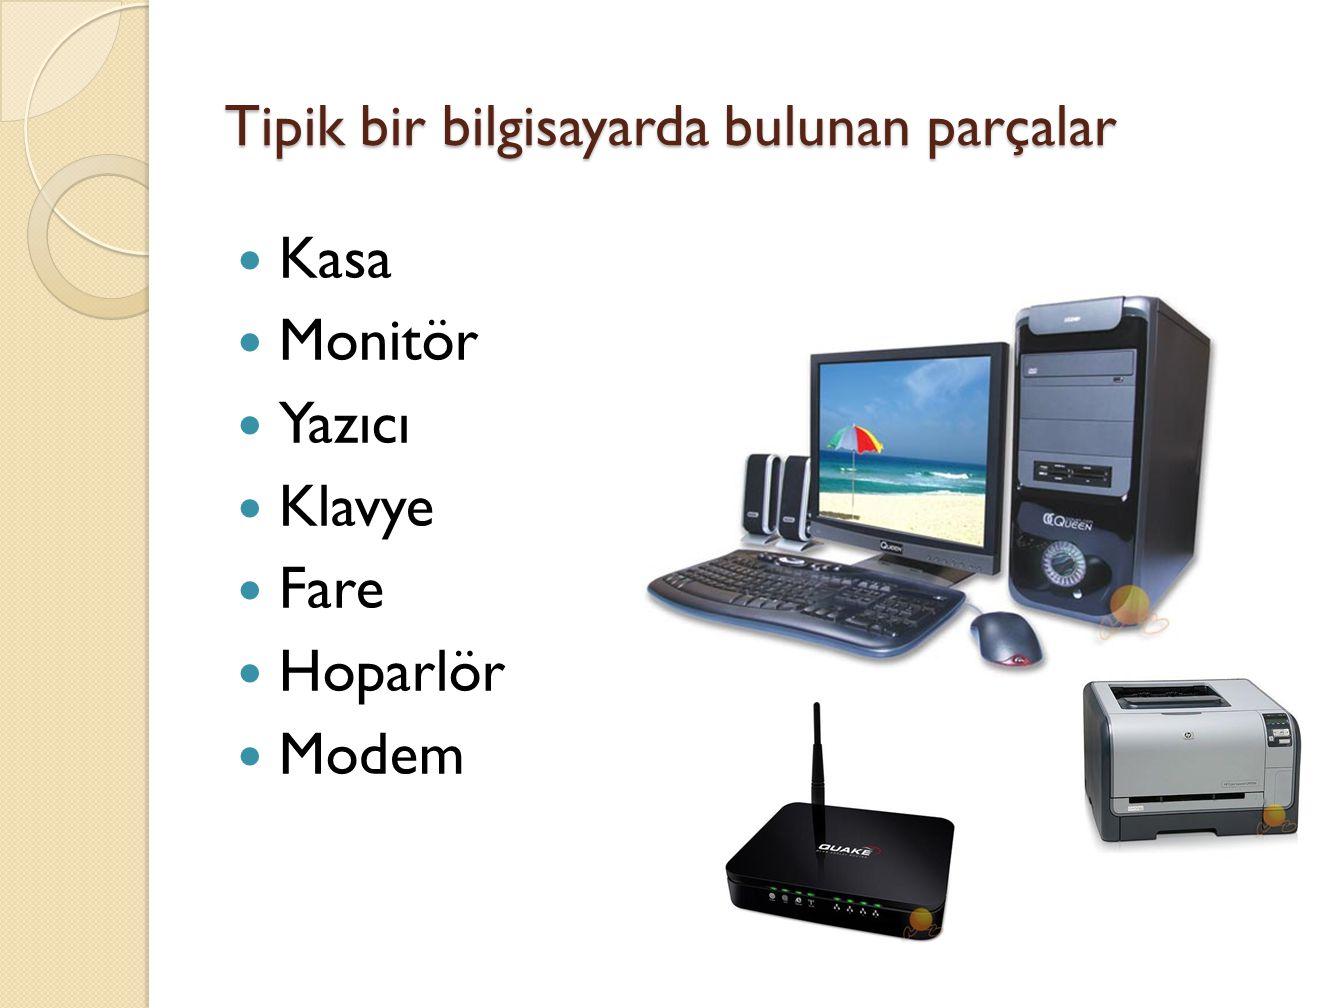 Tipik bir bilgisayarda bulunan parçalar